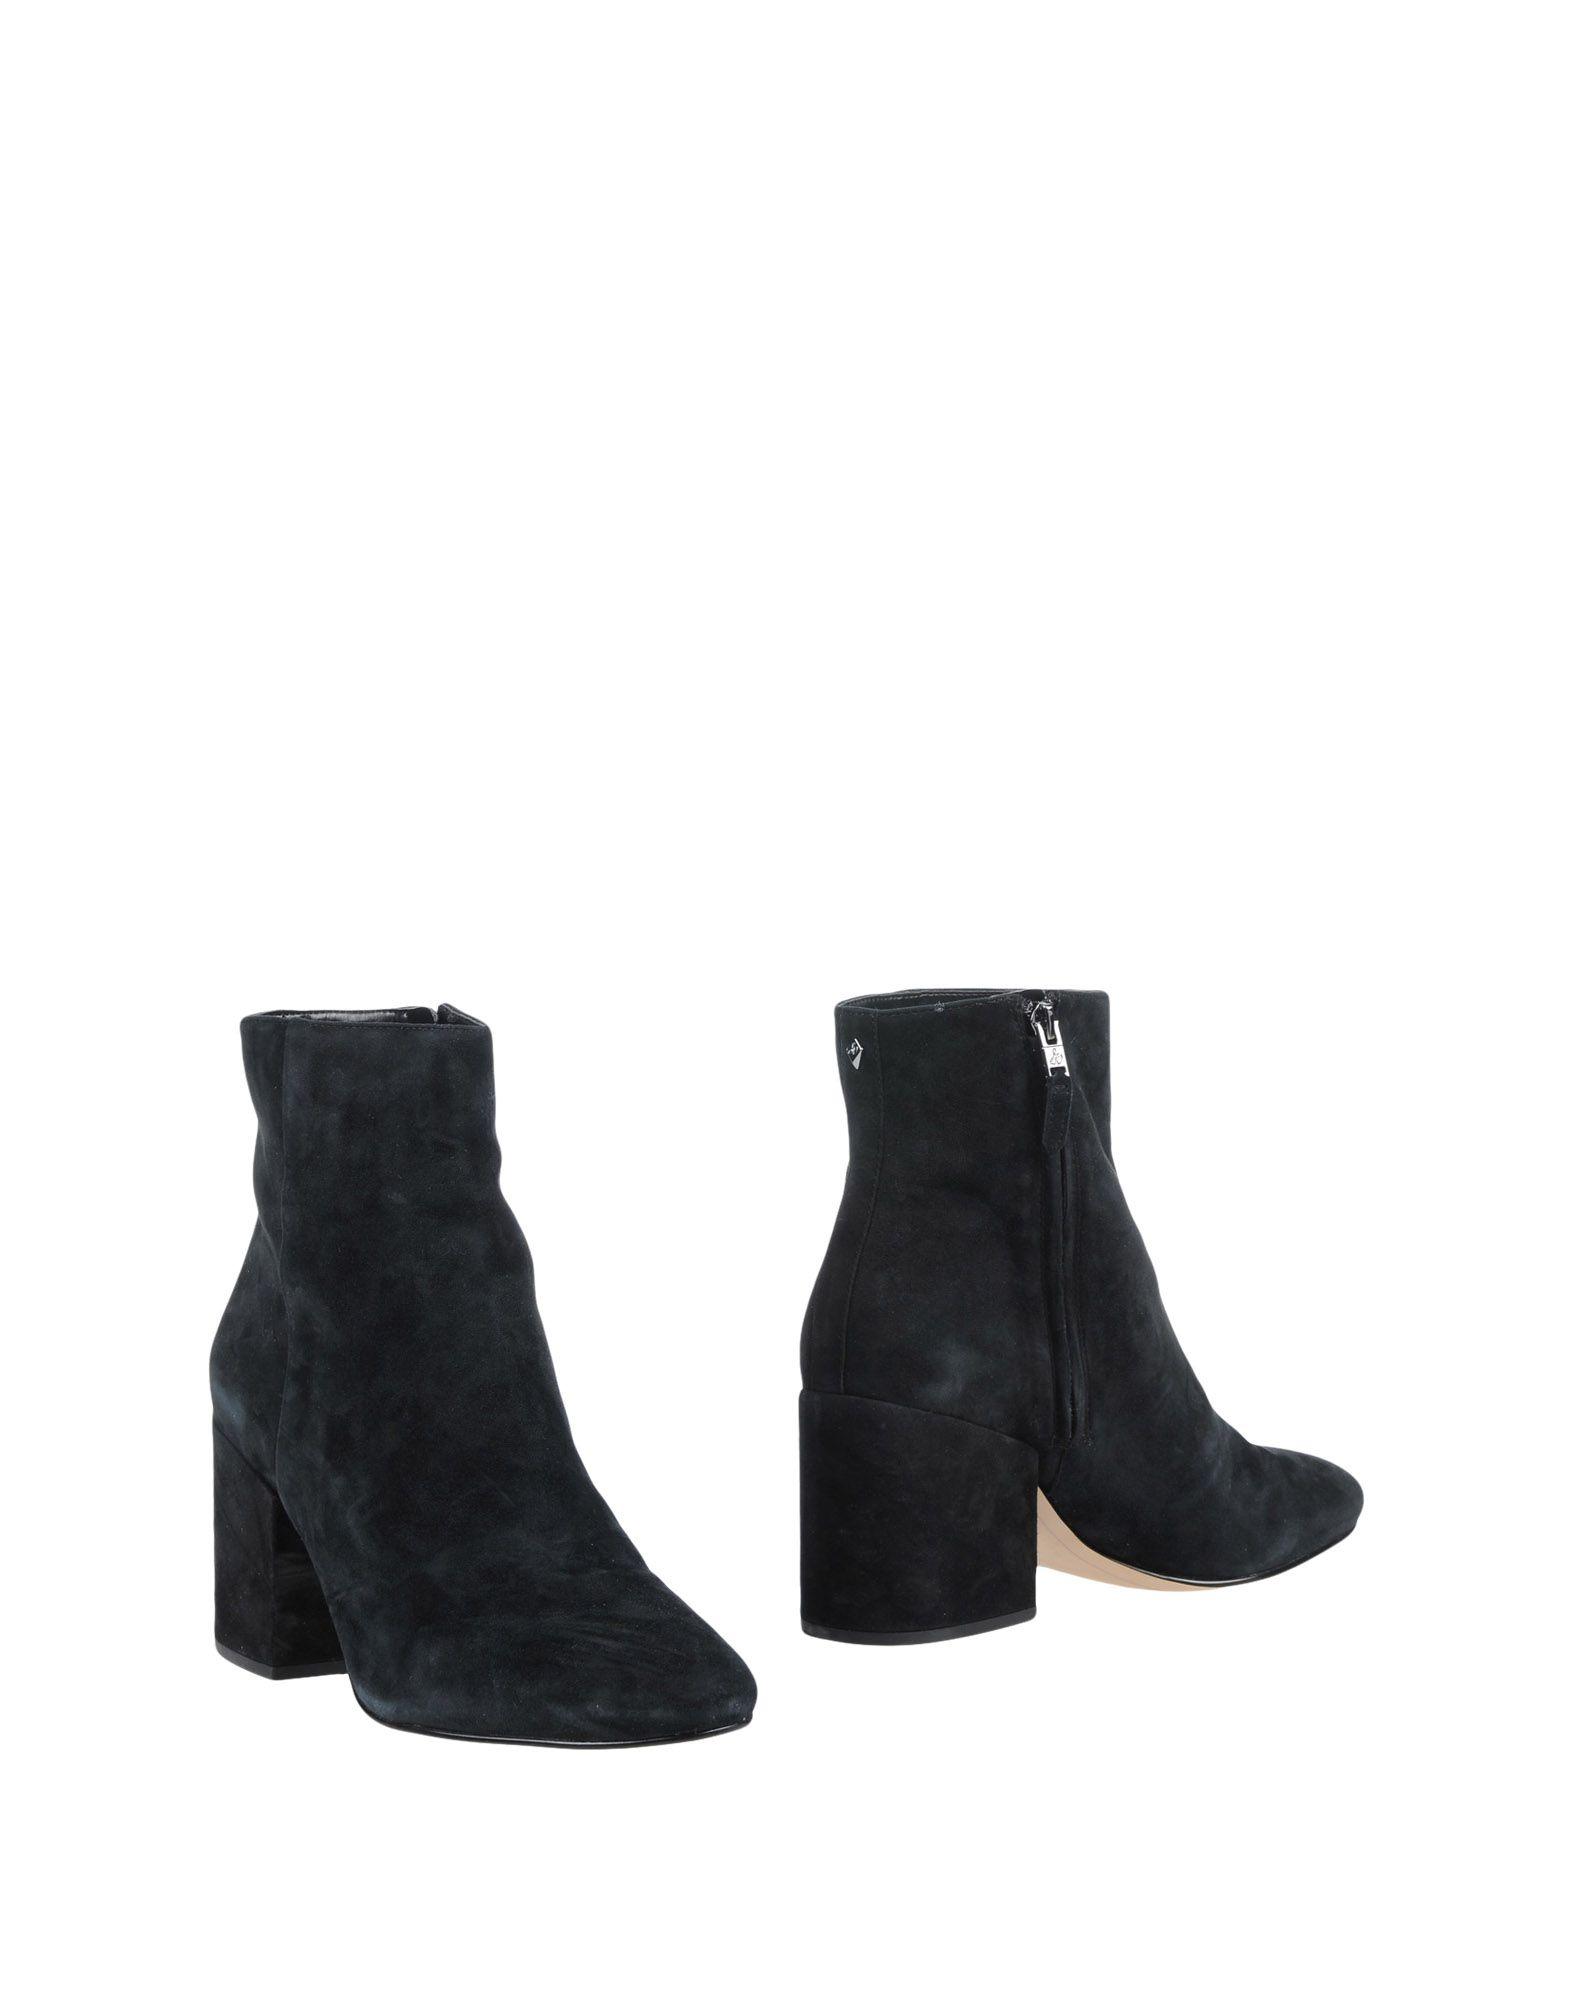 Sam Edelman Stiefelette Damen beliebte  11449146KD Gute Qualität beliebte Damen Schuhe 69d056